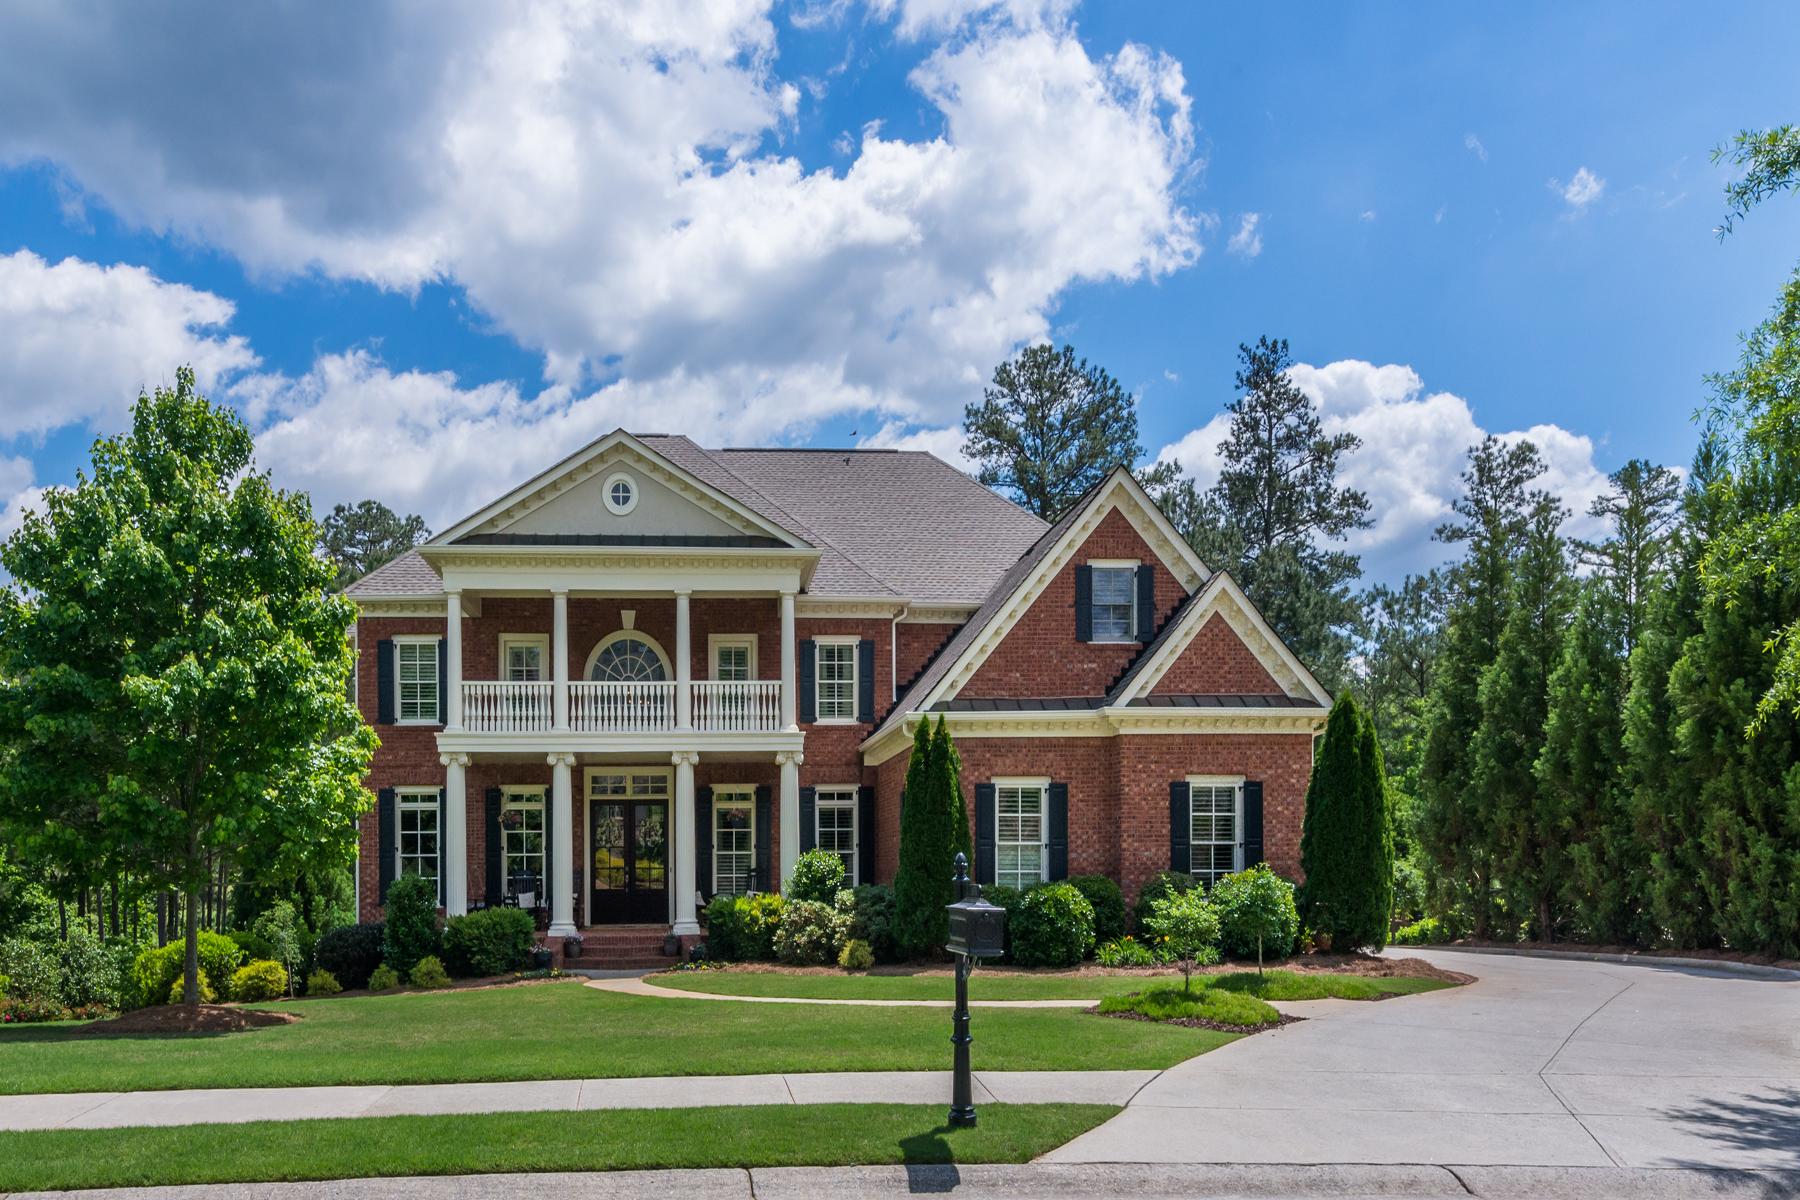 단독 가정 주택 용 매매 에 Luxury Home In Gated Golf Community 4374 Oglethorpe Loop NW Acworth, 조지아, 30101 미국